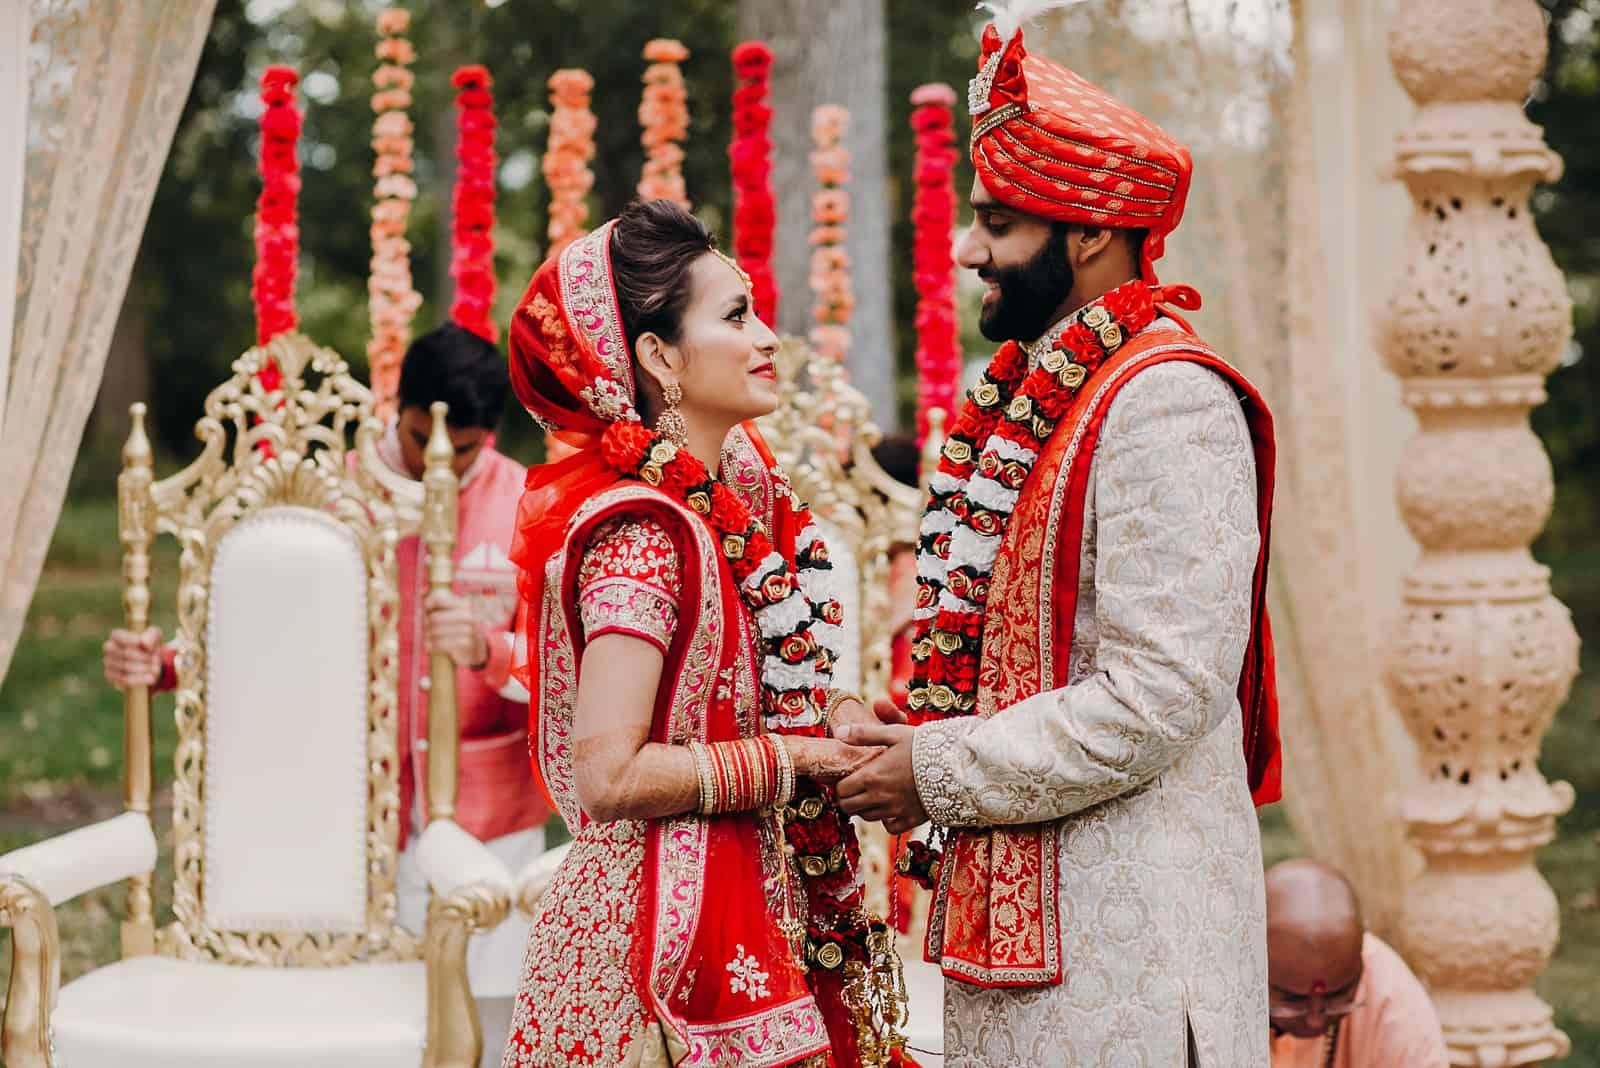 Indischer Bräutigam gekleidet in weißem Sherwani und rotem Hut mit atemberaubender Braut in roter Lehenga